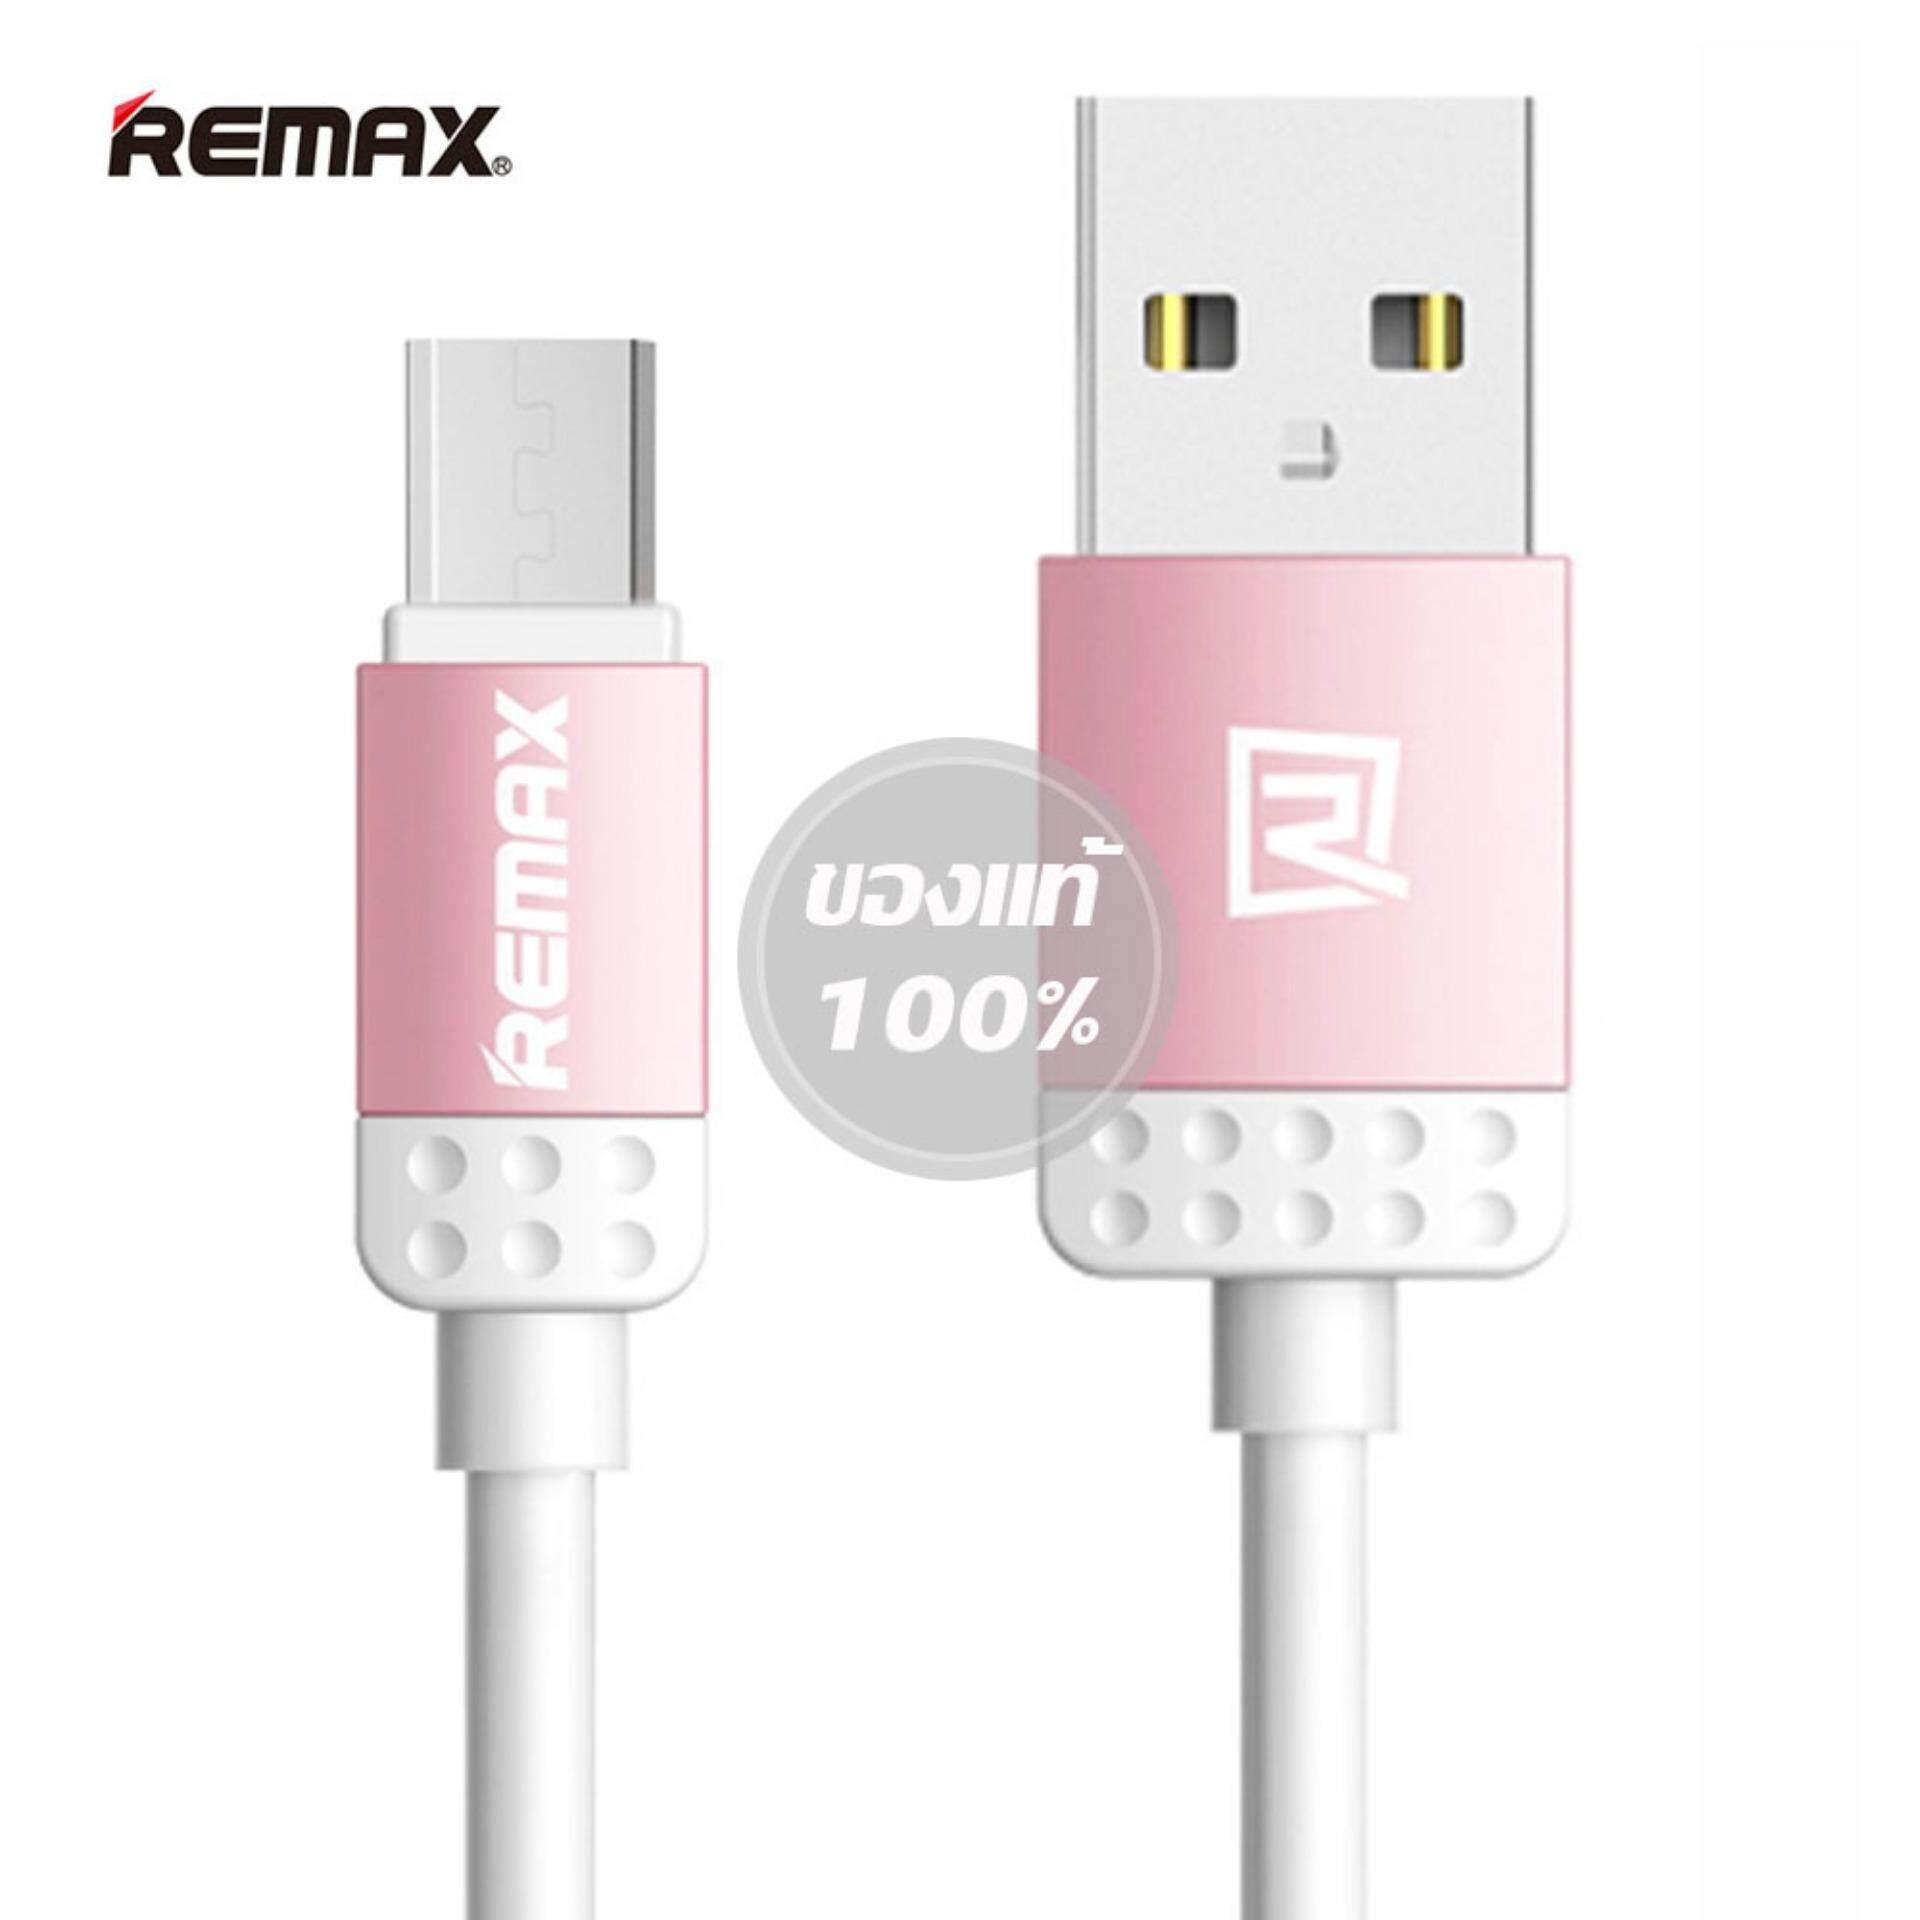 ซื้อ Remax Lovely Rc 010M สายชาร์จ Micro Usb For Samsung Android สีชมพู ออนไลน์ กรุงเทพมหานคร